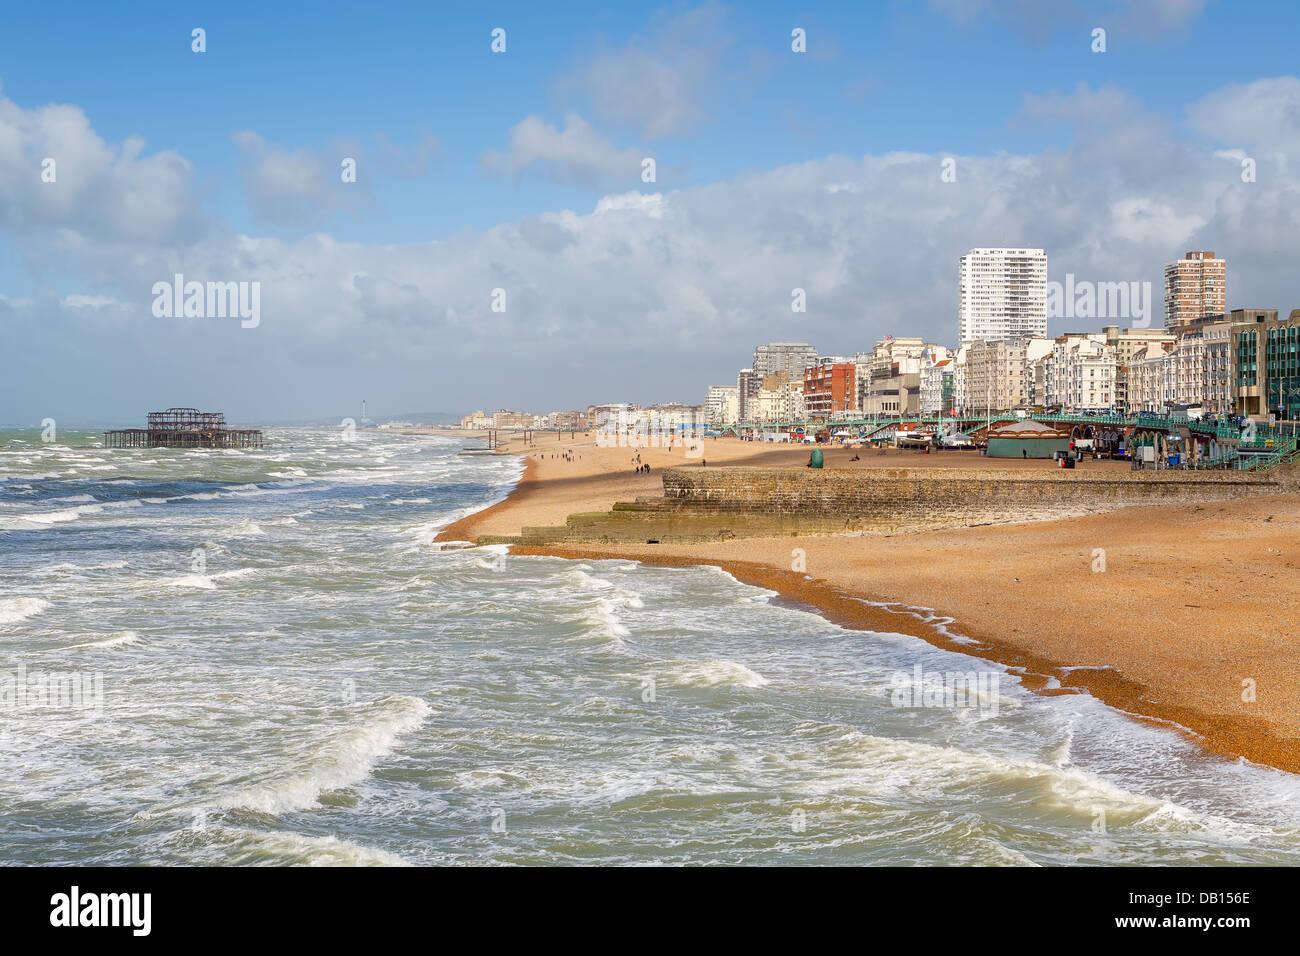 Brighton seafront. England Stock Photo